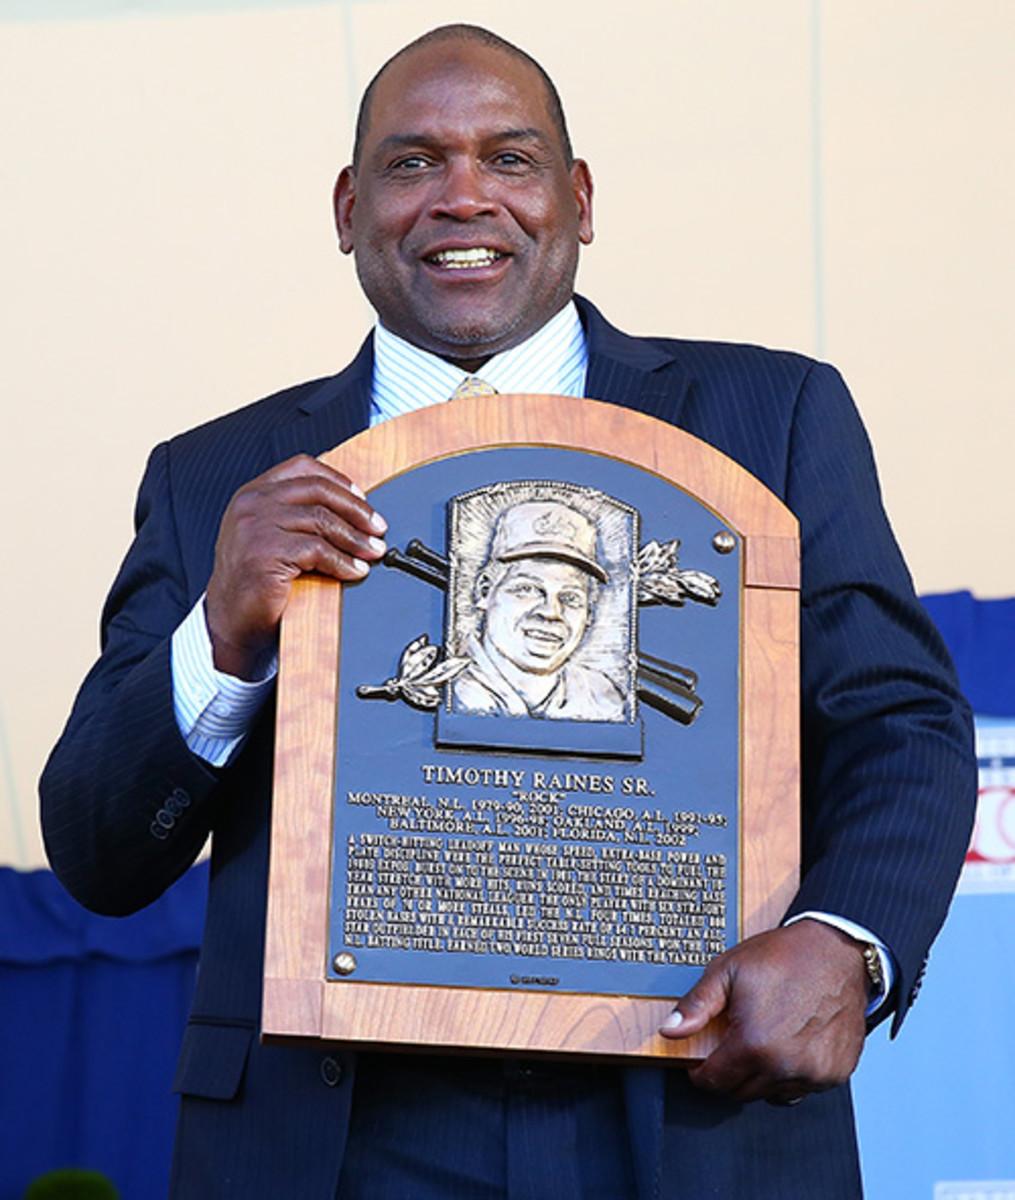 Tim Raines Baseball Hall of Fame